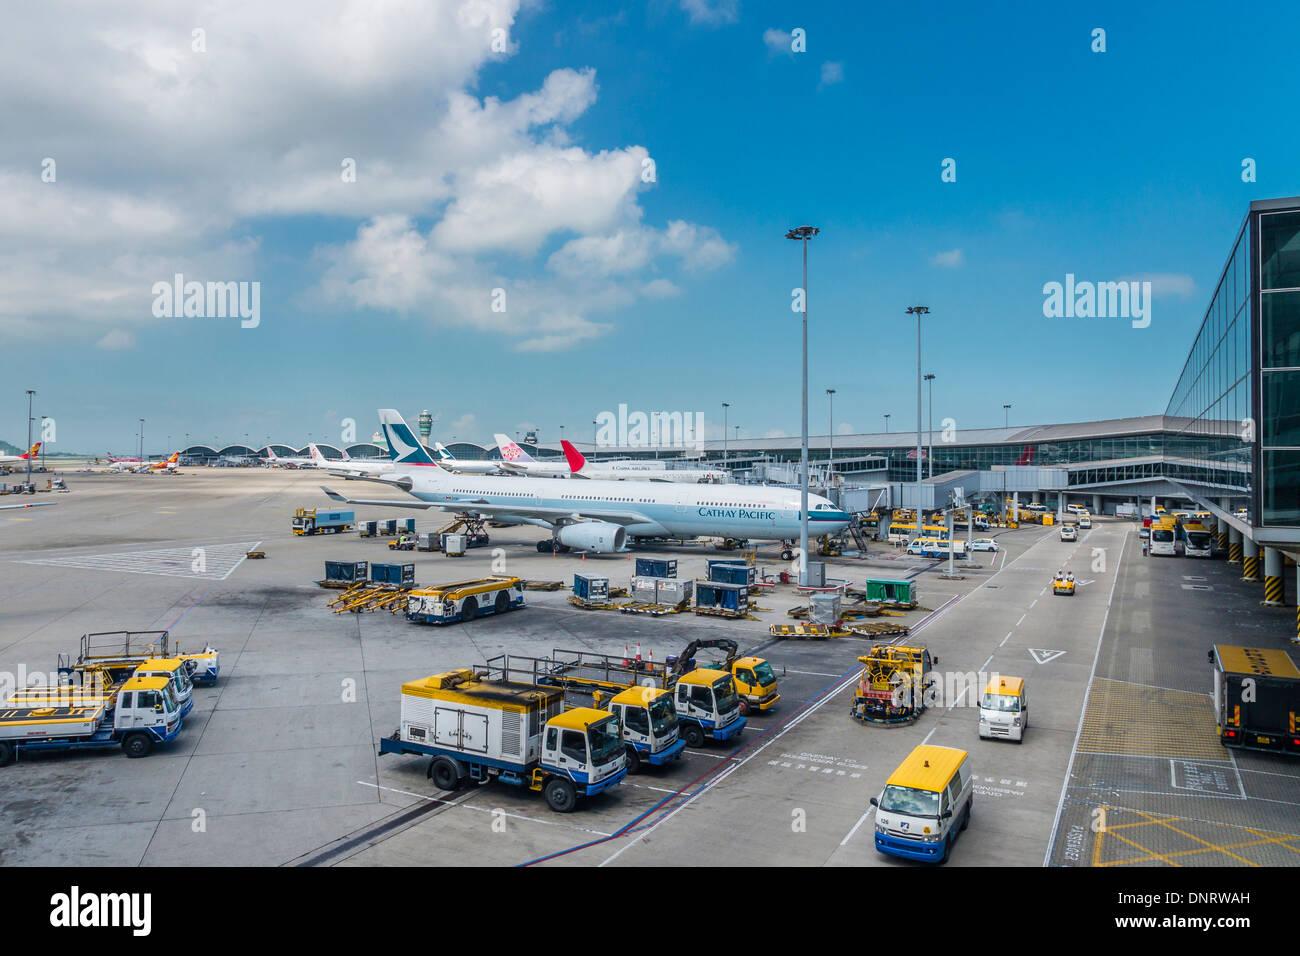 Blue apron hong kong - Stock Photo View Of Parking Apron Hong Kong International Airport Hong Kong